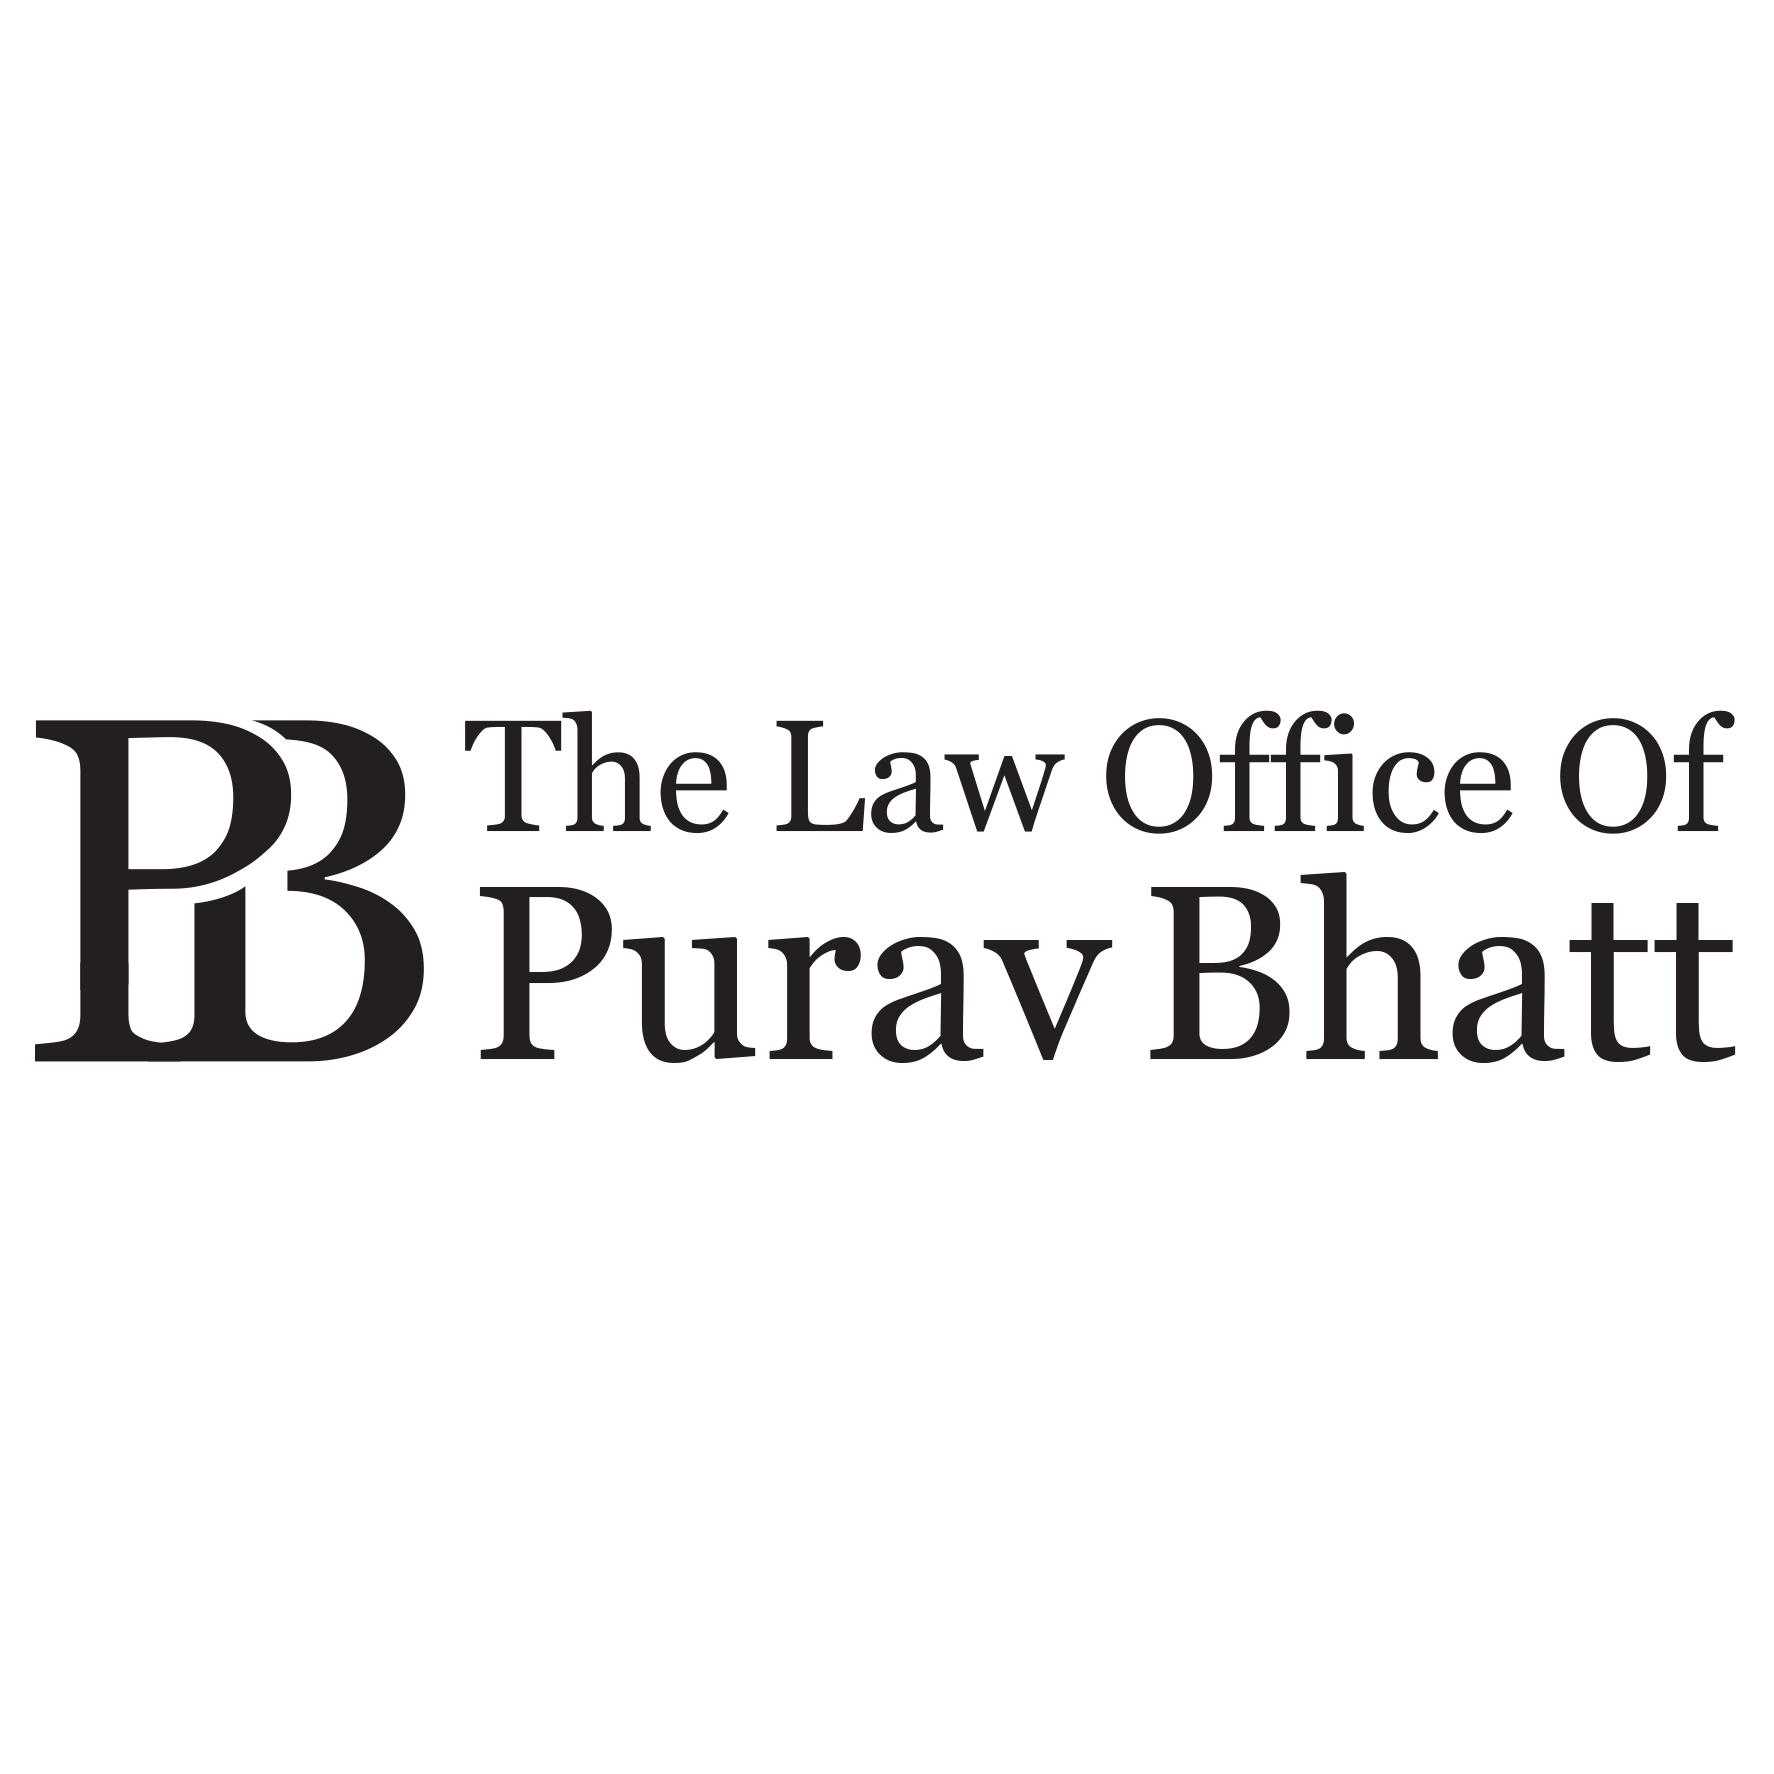 The Law Office of Purav Bhatt